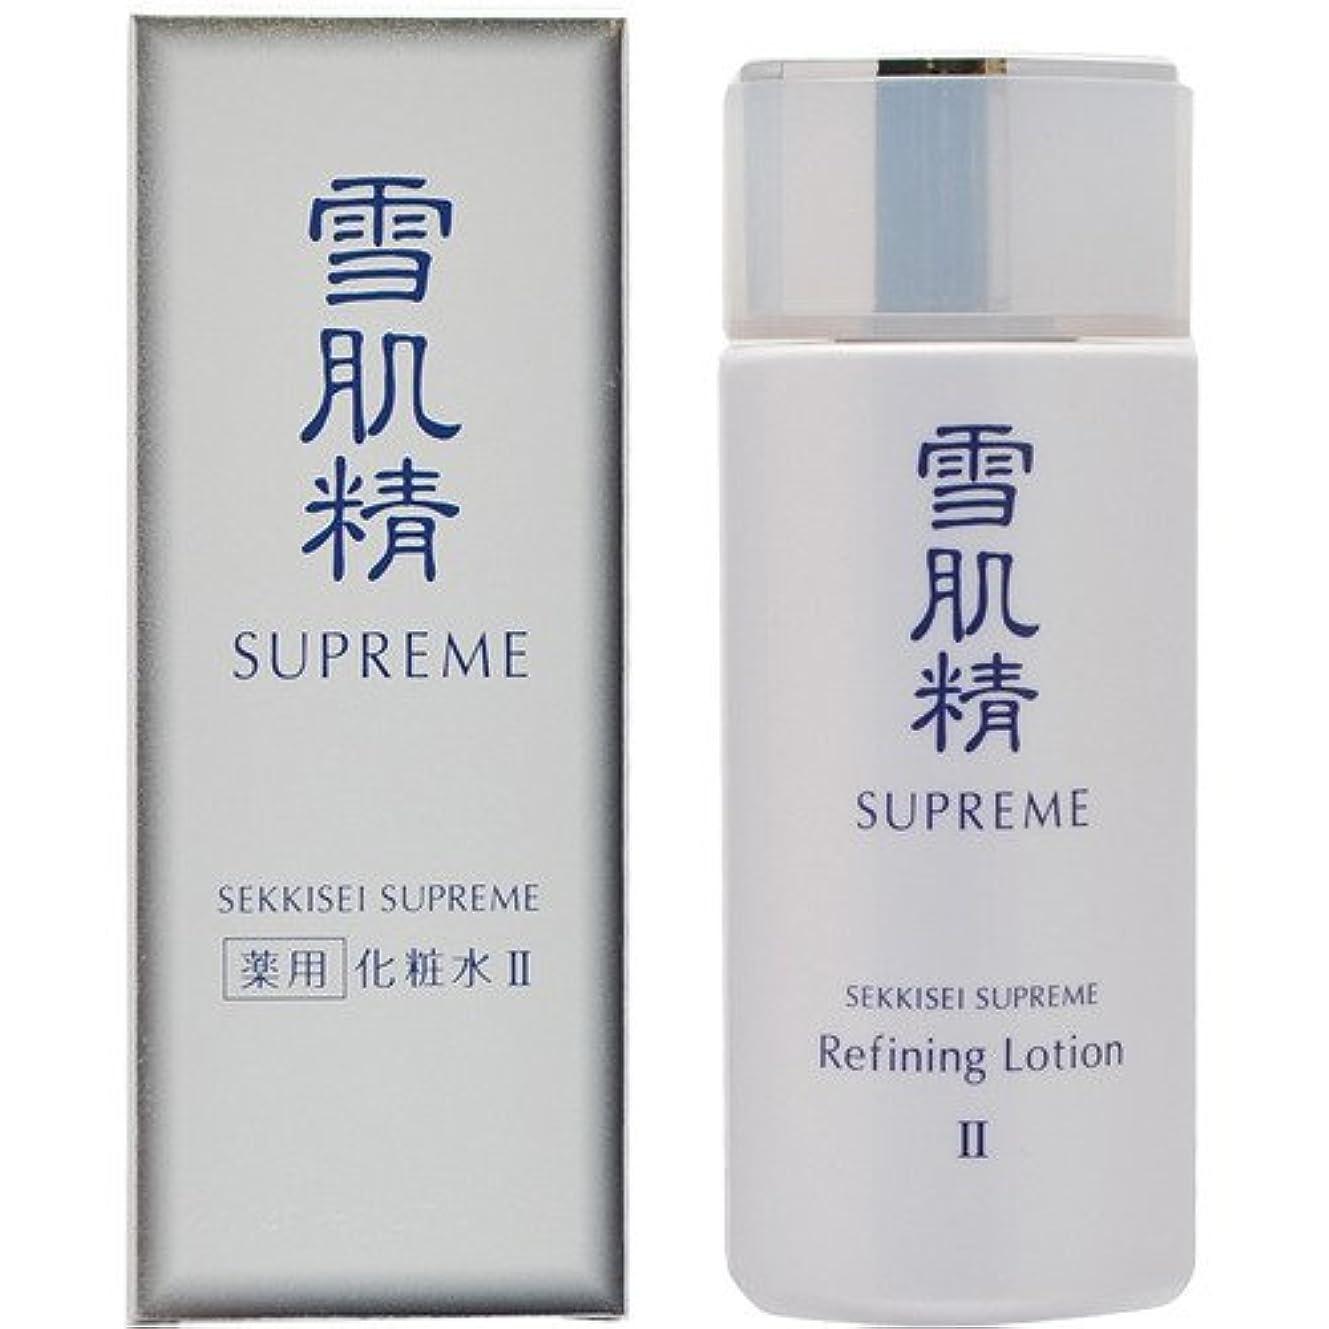 コーセー 雪肌精 シュープレム 化粧水 ※140mL II